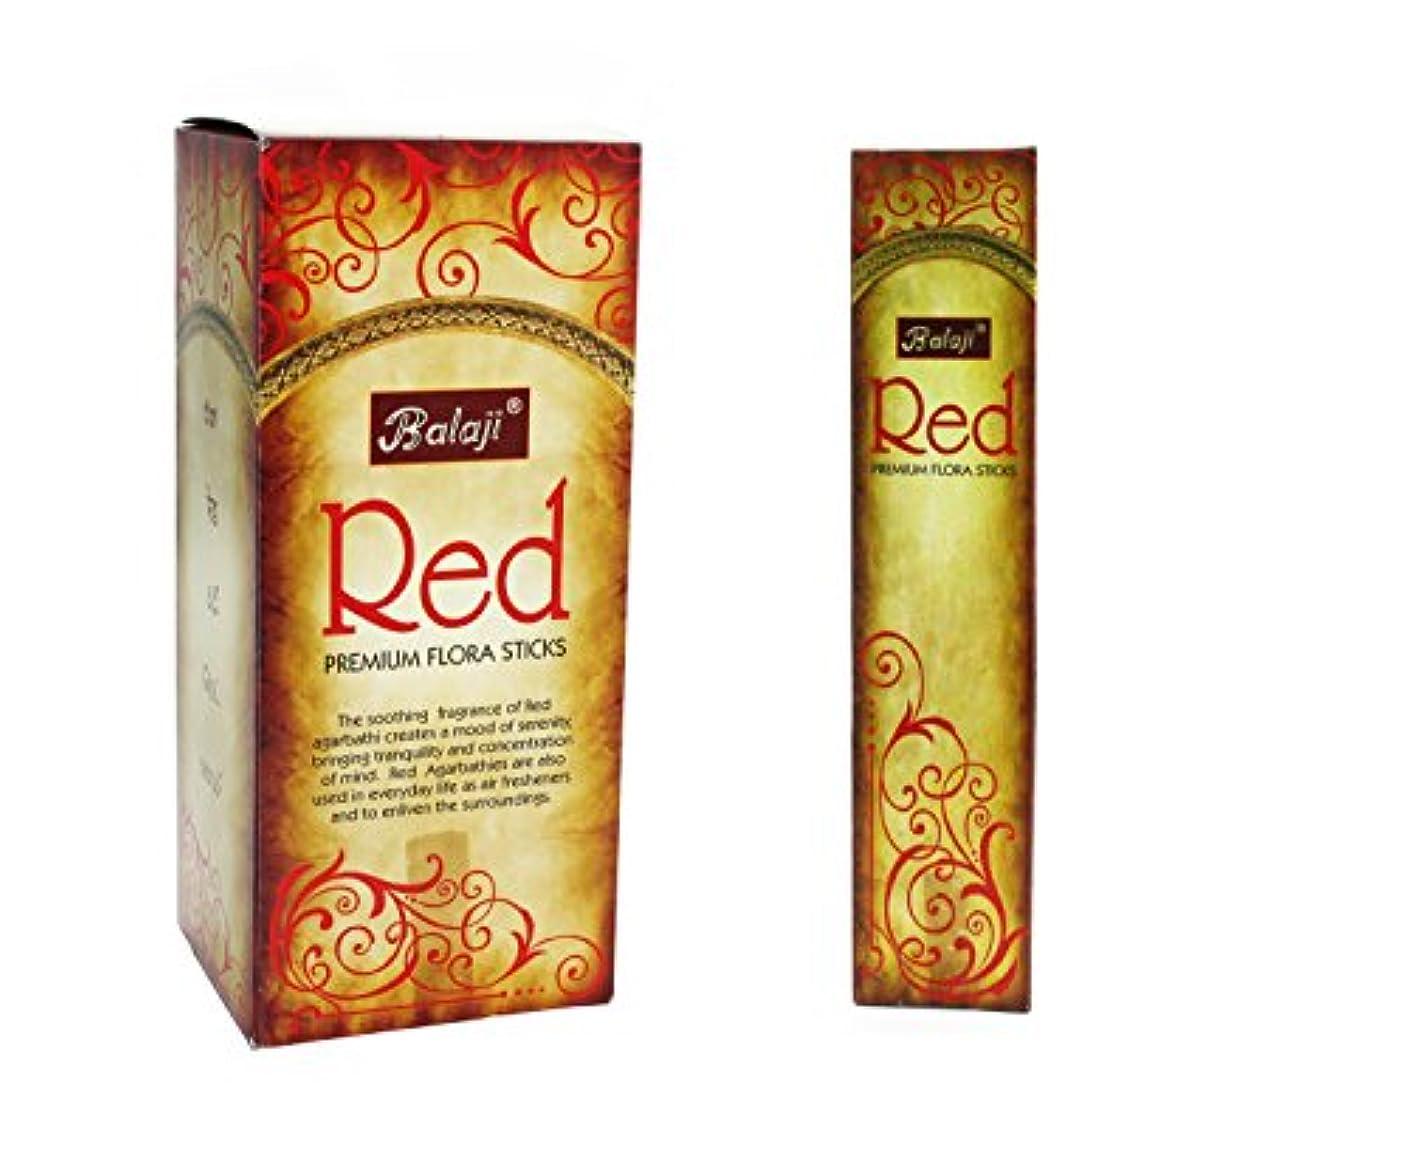 グッゲンハイム美術館軽蔑する憎しみBalaji Red Premium Flora Sticks (Incense/Joss Sticks/ Agarbatti) (12 units x 15 Sticks) by Balaji